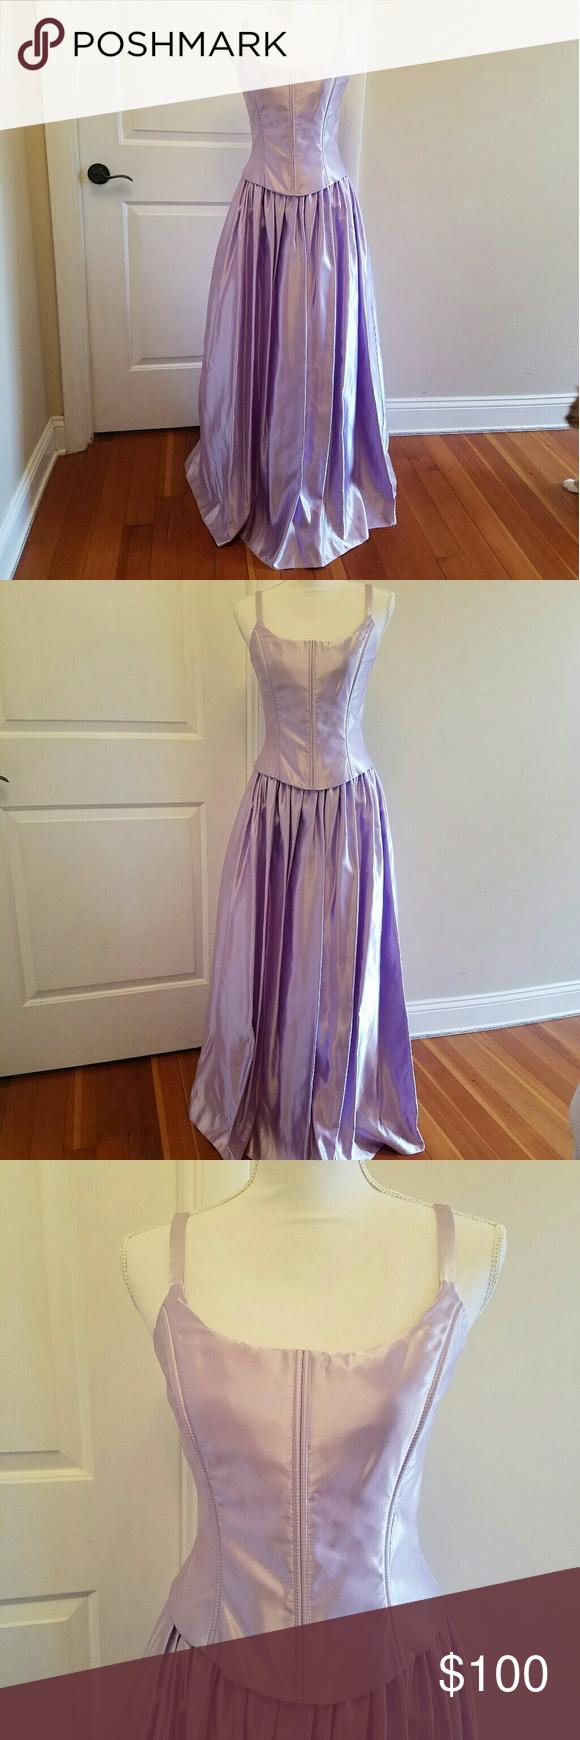 Jessica Mcclintock Gunne Sax Dress 7 8 Old School But Brand New Never Worn Jessica Mcclintock Gunne Sax Pale Lilac L Gunne Sax Dress Dresses Clothes Design [ 1740 x 580 Pixel ]